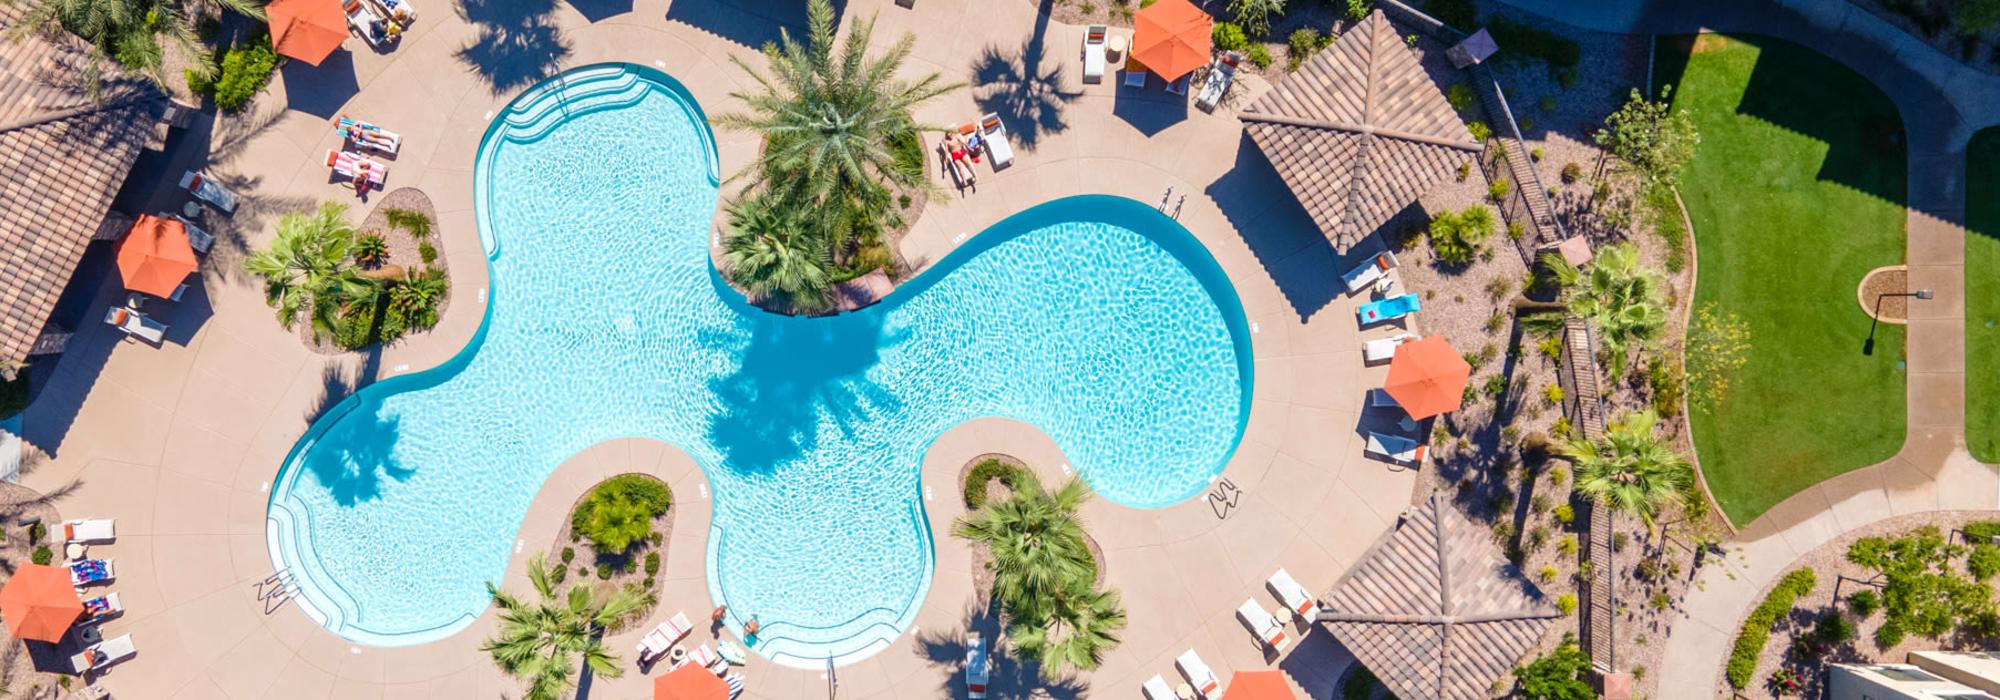 Resort-style pool at San Milan in Phoenix, Arizona